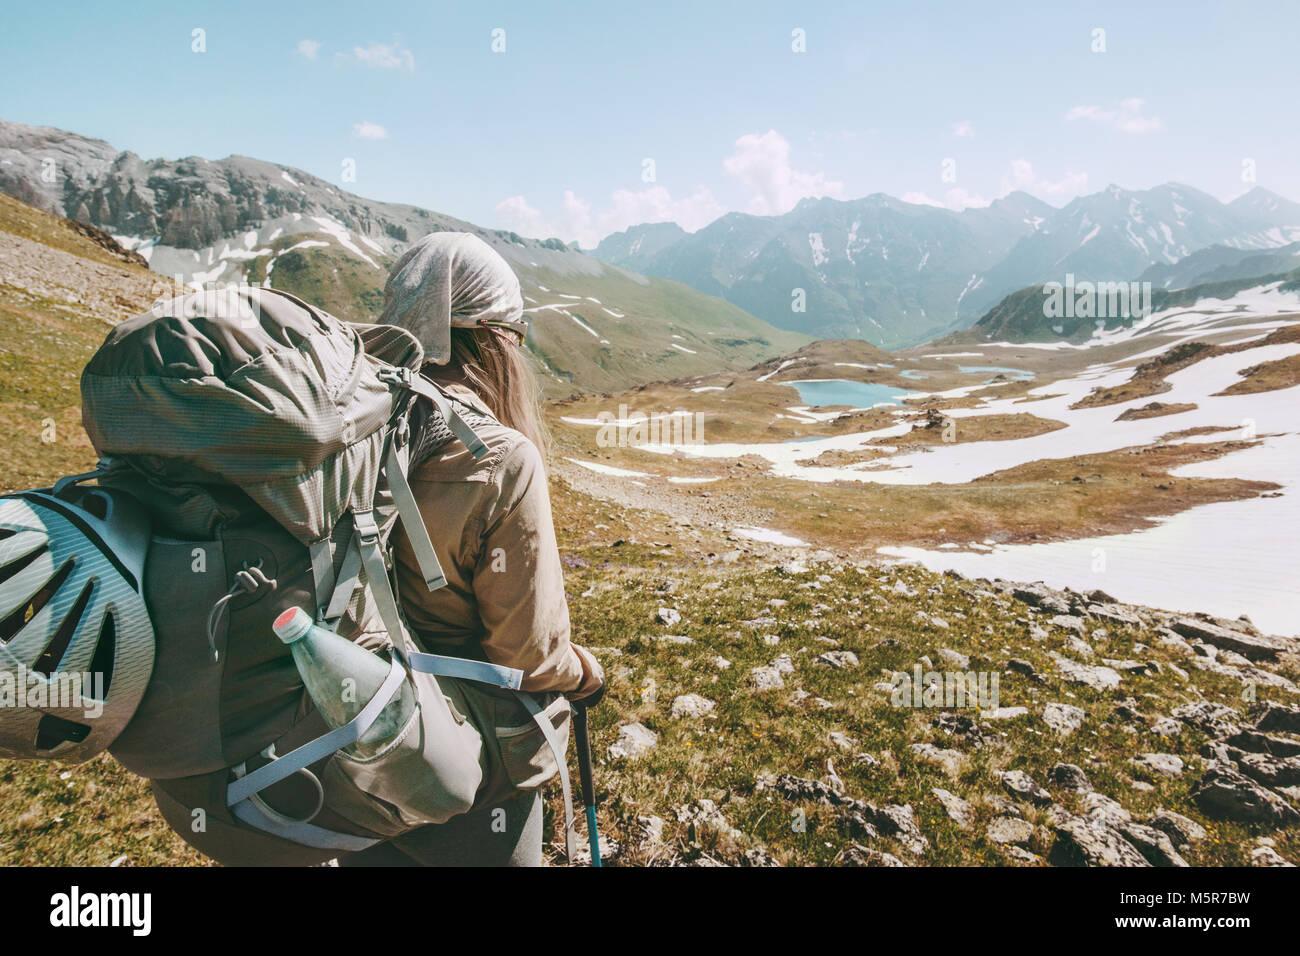 Turista mochilero senderismo en las montañas Adventure Travel concepto de estilo de vida activo vacaciones Imagen De Stock